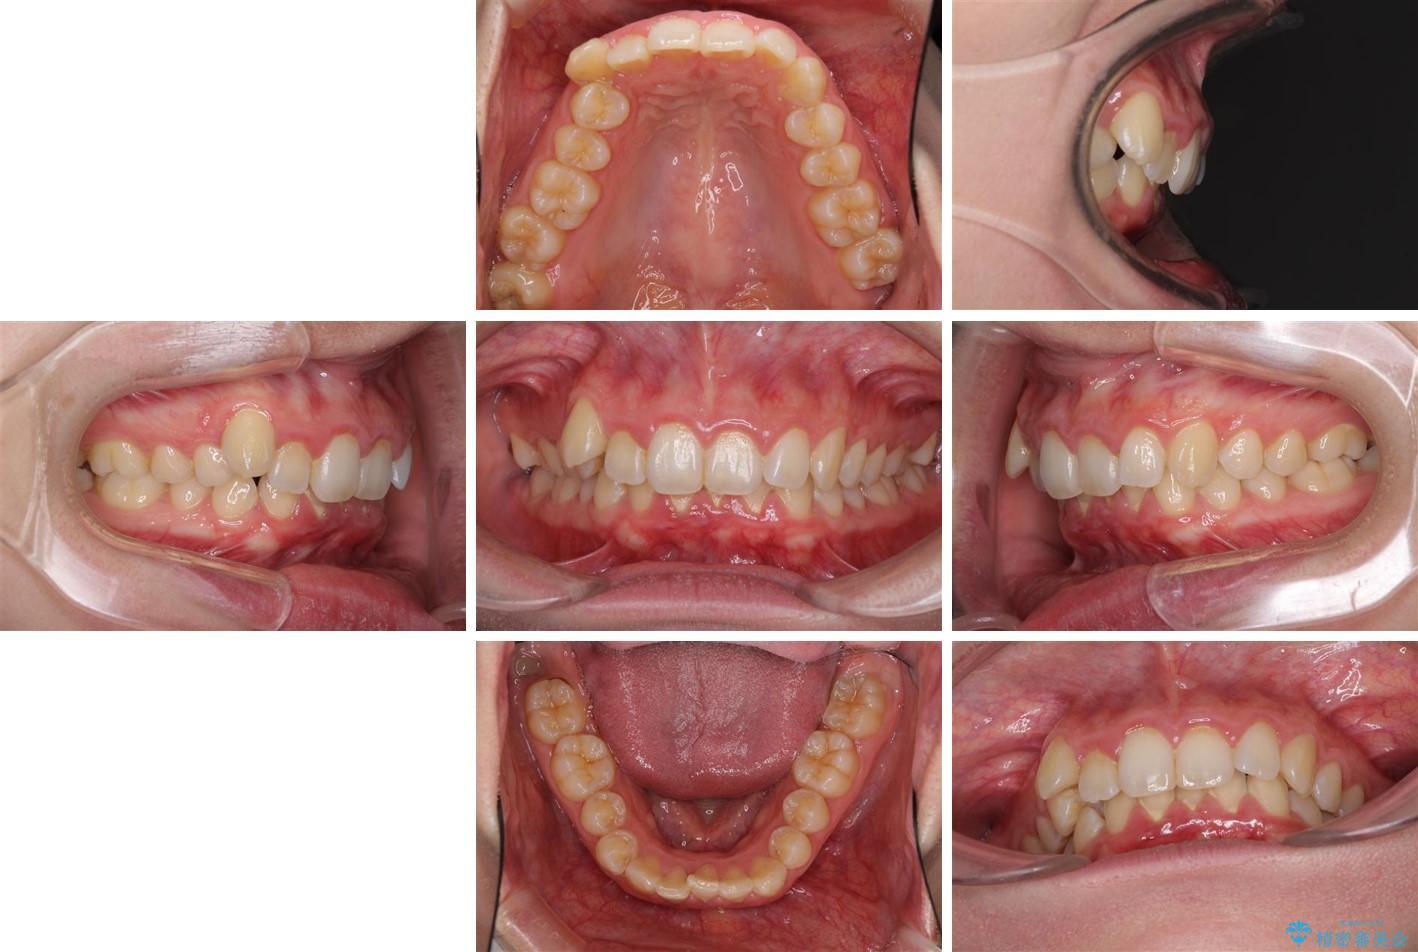 インビザラインと補助装置を用いた抜歯矯正で気になる八重歯を治療 治療前画像